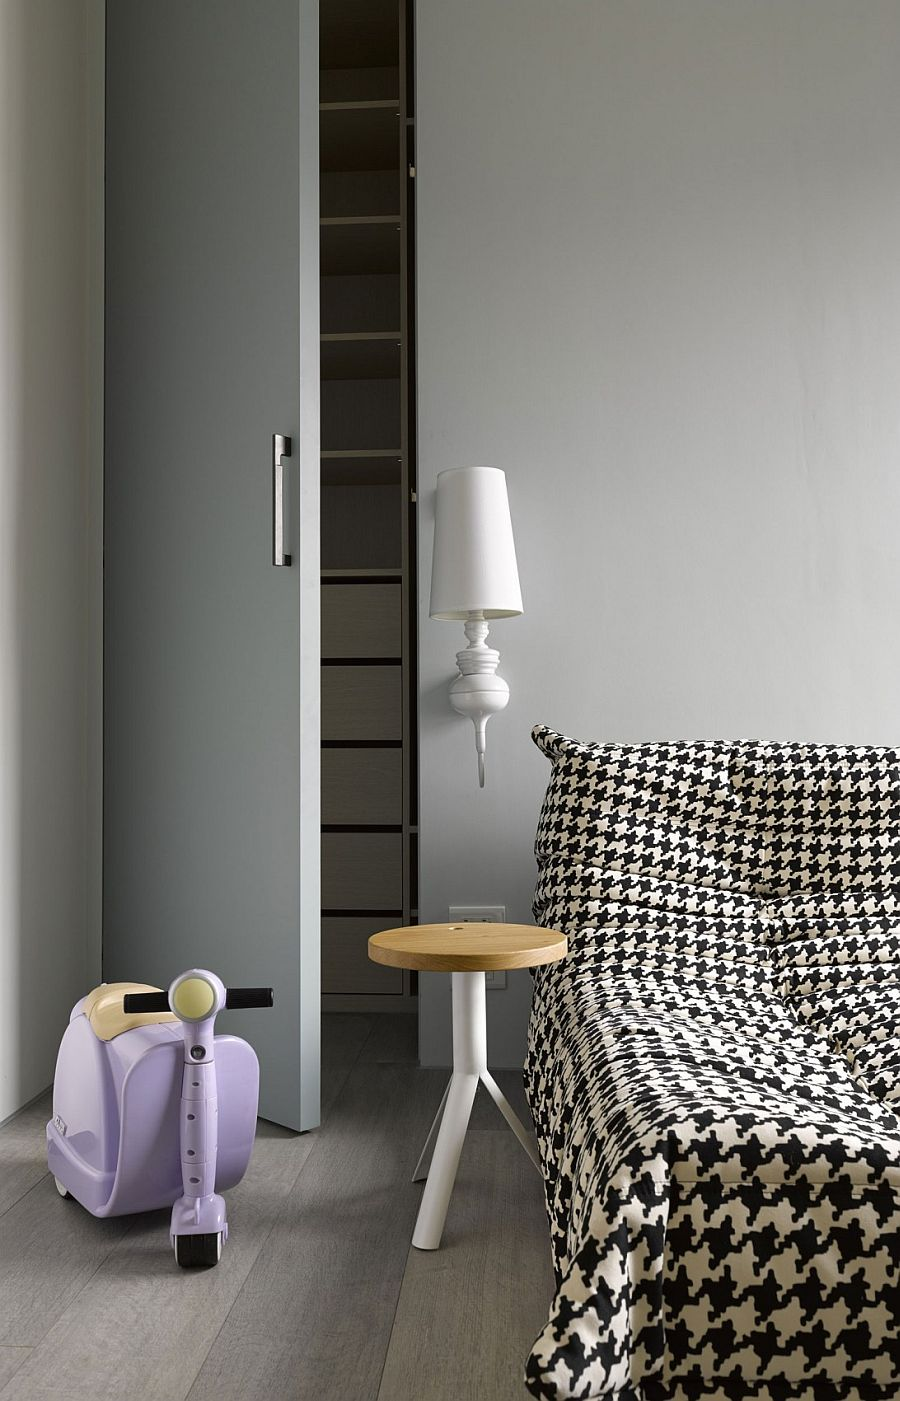 Modern minimal kids' room decor idea